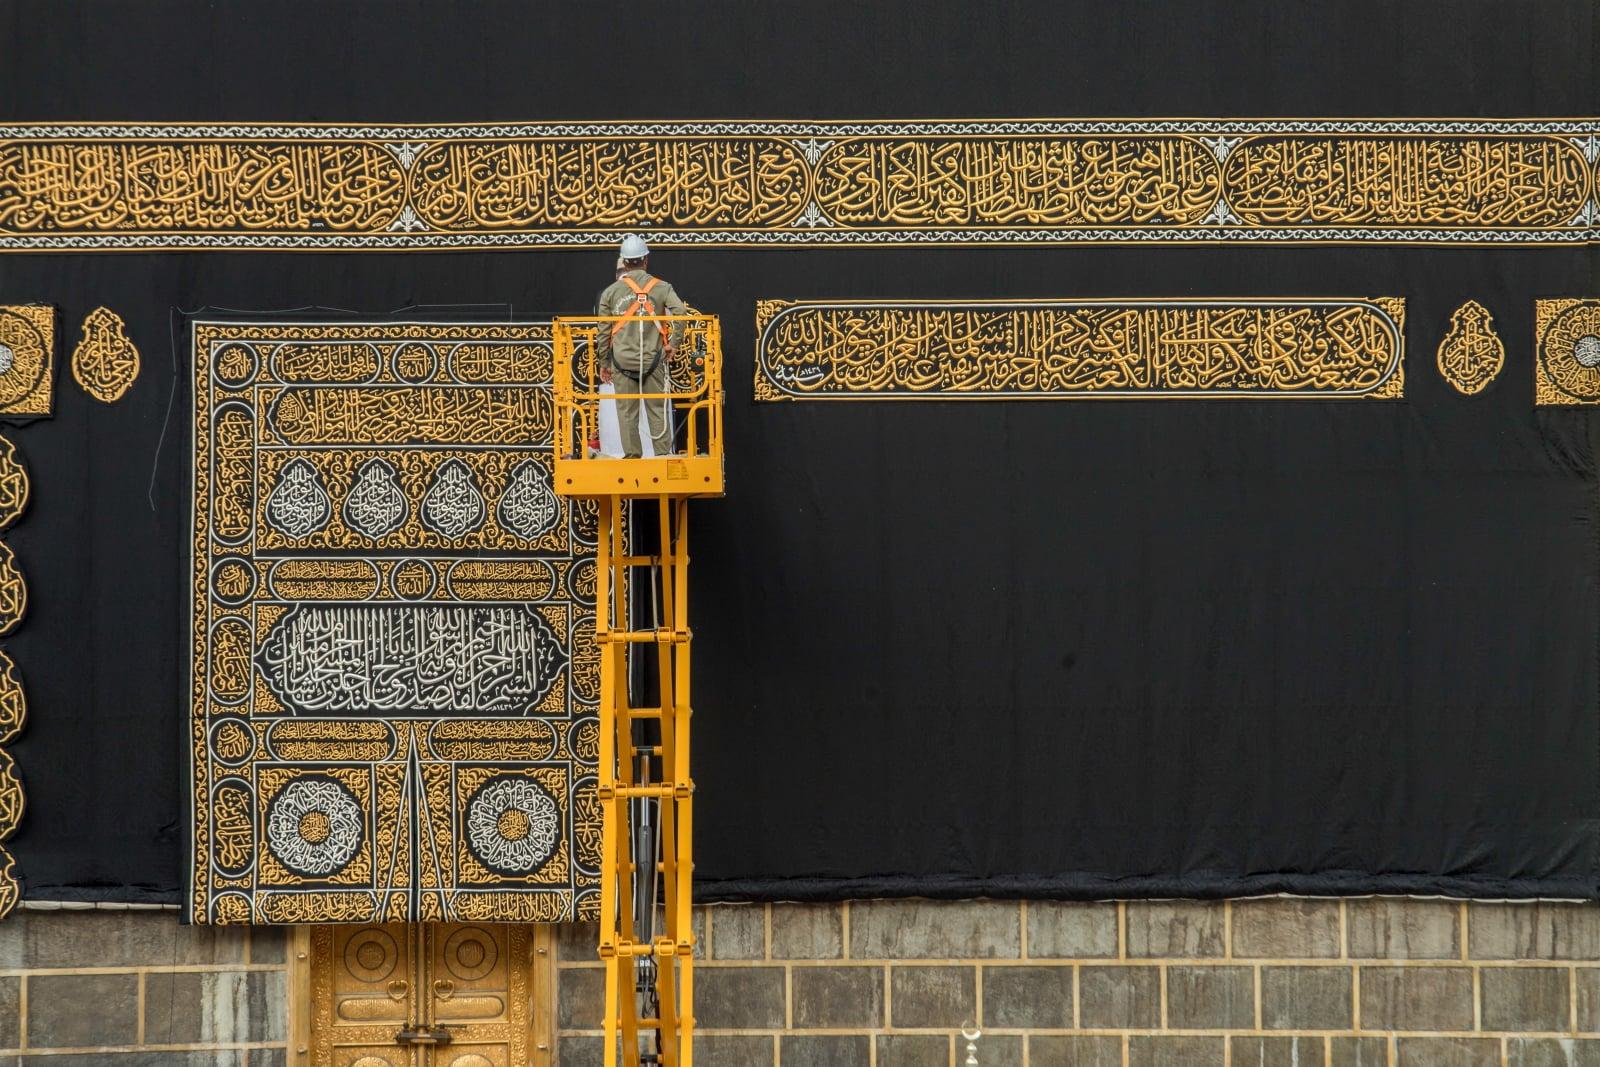 Wymiana zeszłorocznego okrycia Kaaby, Mekka, Arabia Saudyjska. PAP/EPA/CENTER FOR INTERNATIONAL COMMUNICATION